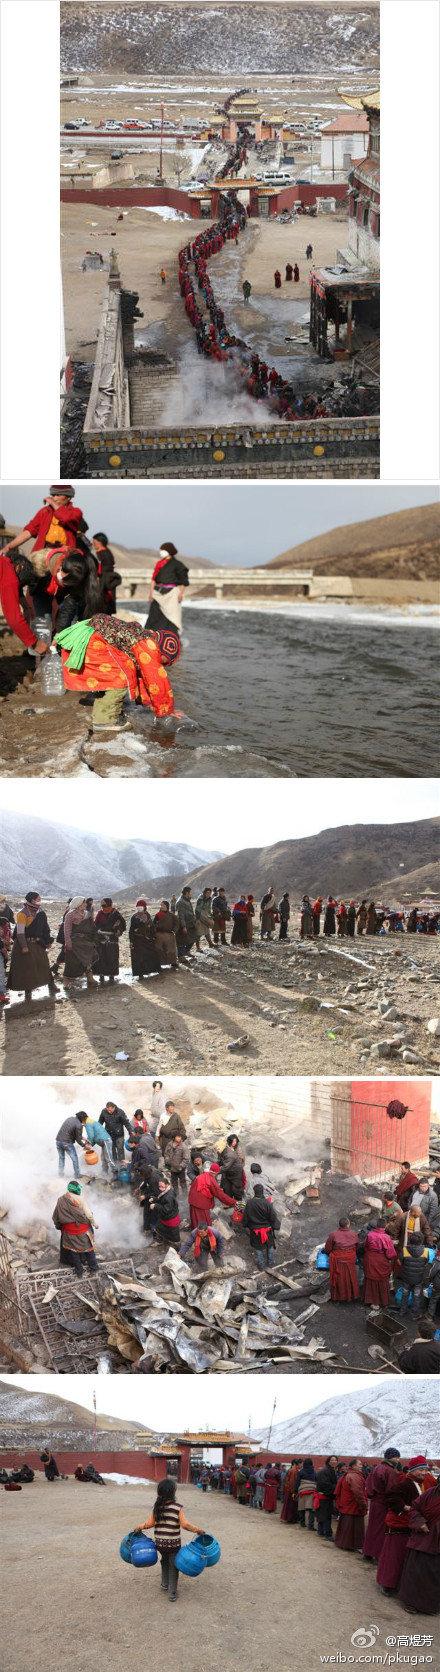 20111229_写真_チベット_火災_抵抗運動2